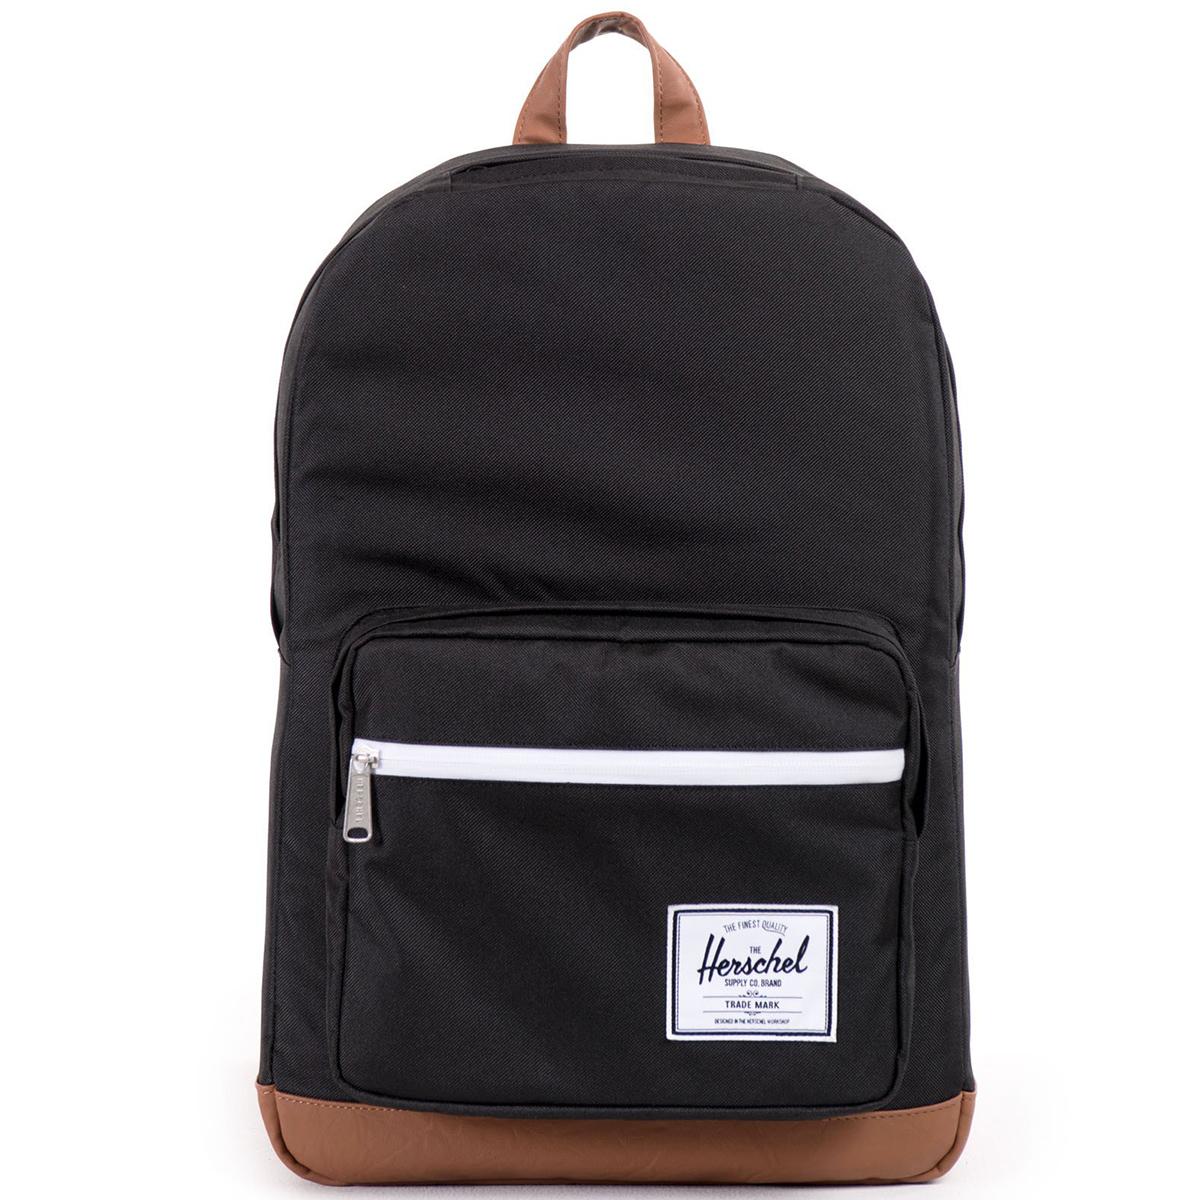 Рюкзак городской Herschel Pop Quiz (A/S), цвет: черный, светло-коричневый. 828432010387828432010387Рюкзак Herschel Pop Quiz ™ универсальный рюкзак для школы и работы с широким спектром карманов и органайзера.